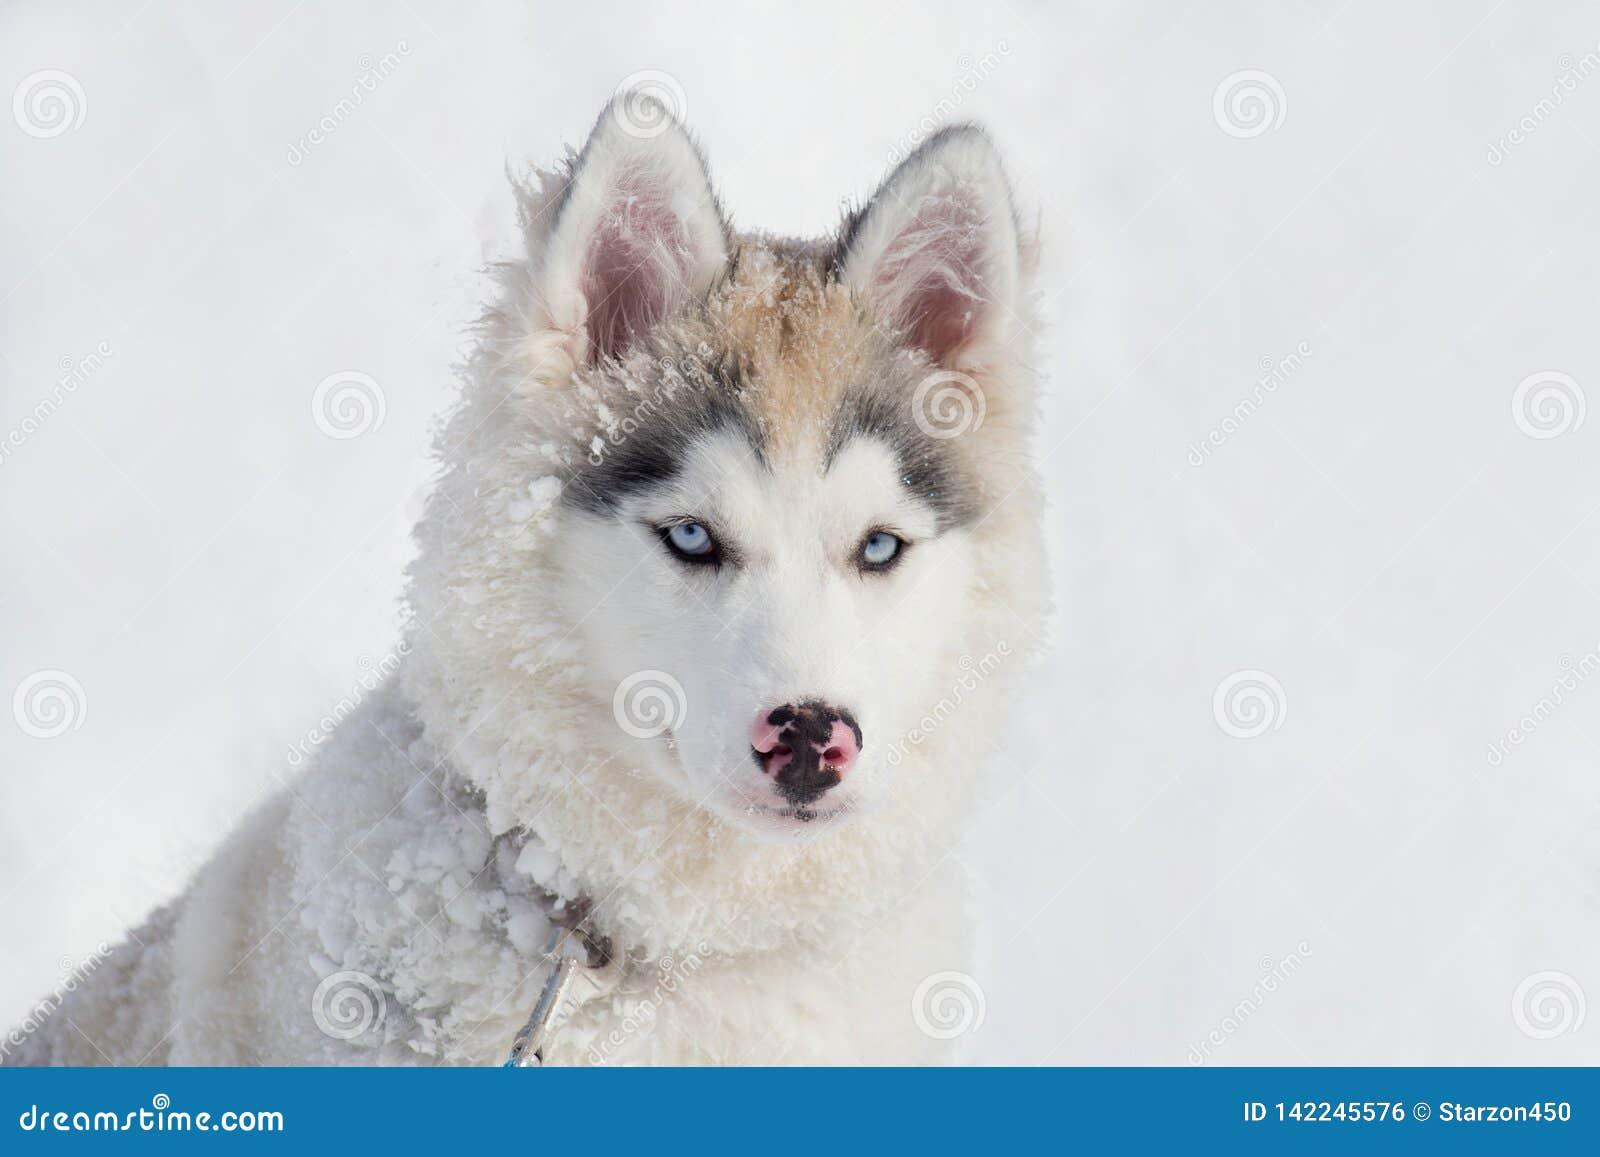 Śliczny siberian husky szczeniak siedzi na białym śniegu Trzy miesiąca starego Zwierząt domowych zwierzęta